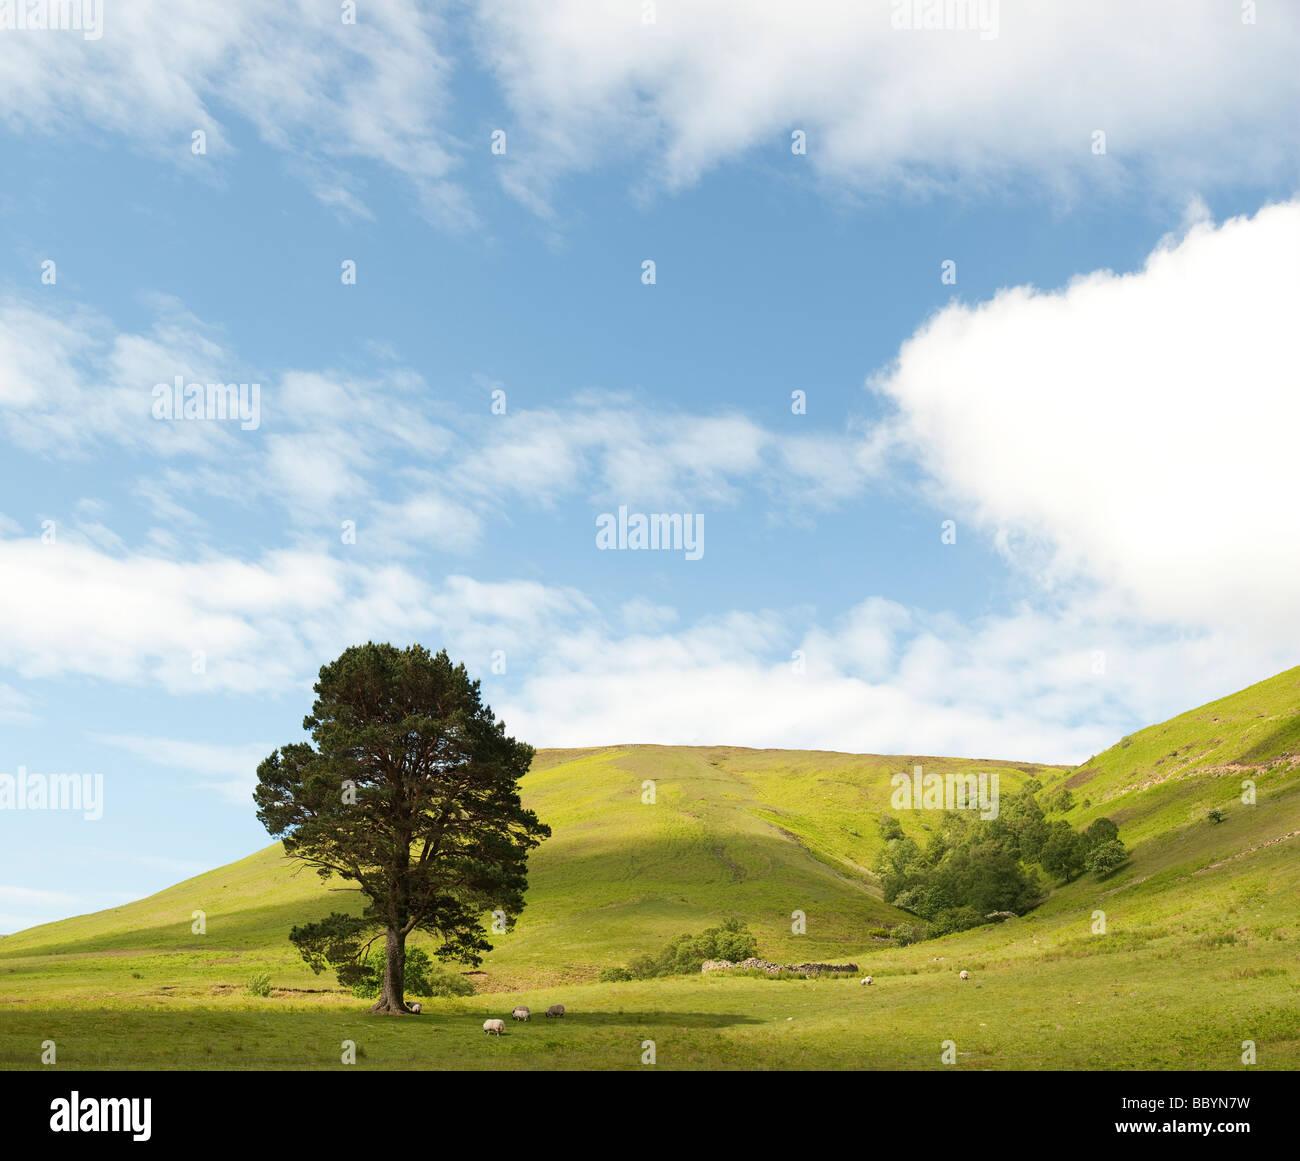 Pinus sylvestris. Único árbol de pino silvestre en las onduladas colinas de la frontera escocesa campiña. Imagen De Stock